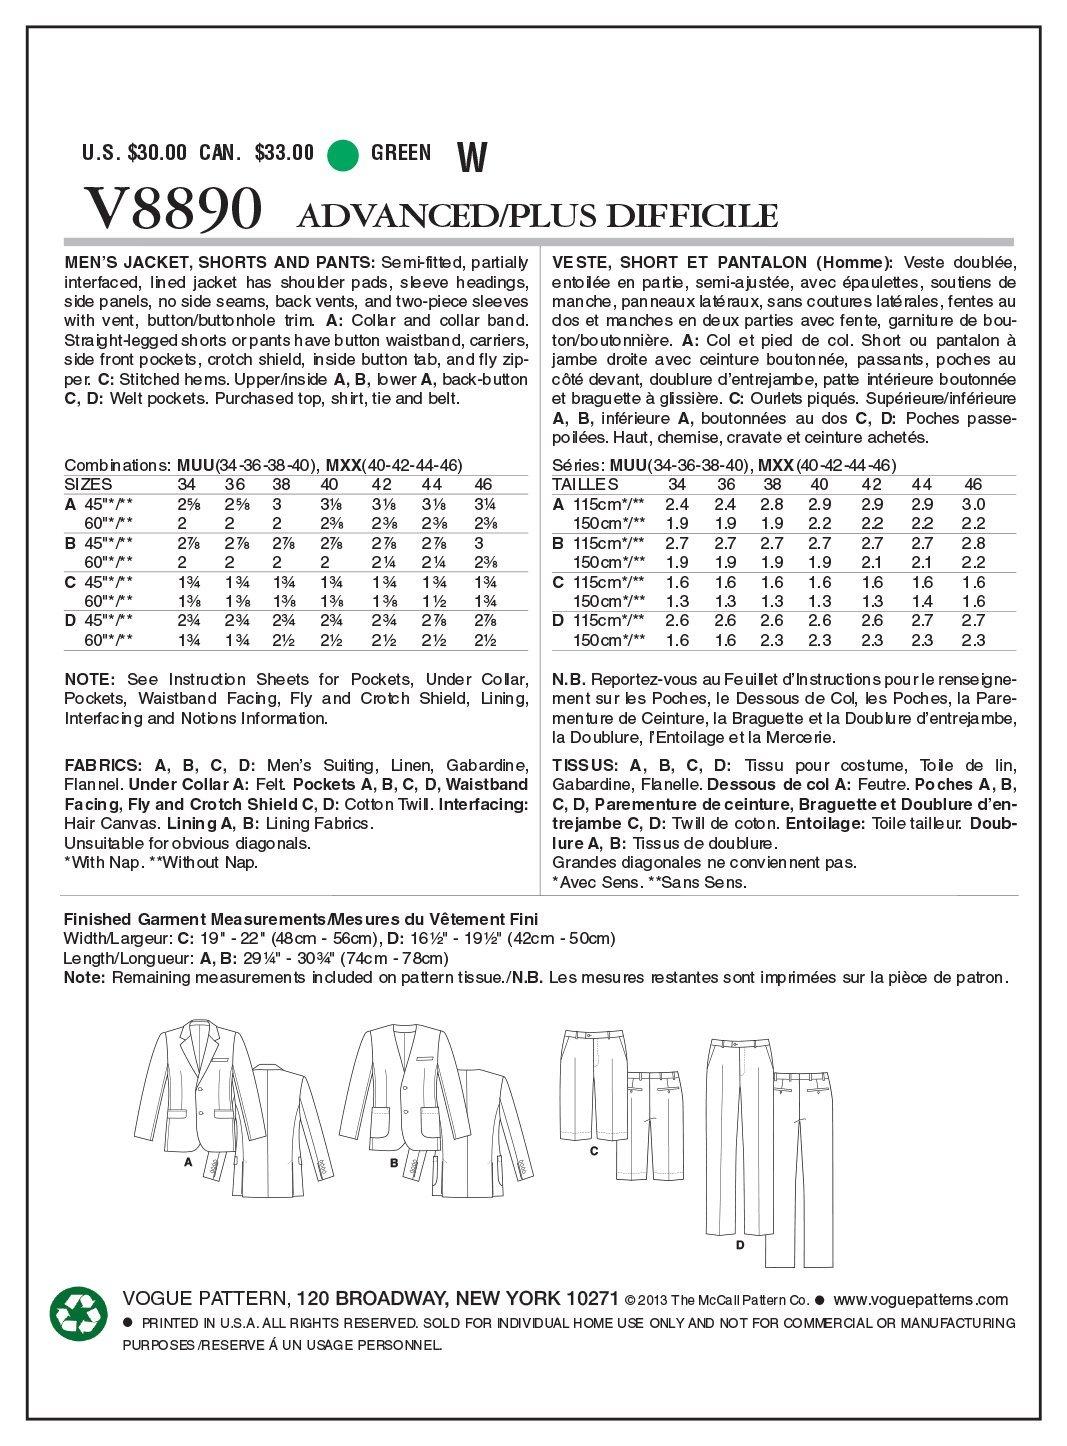 Vogue Patterns V8890 - Patrones de costura para chaquetas, bermudas ...